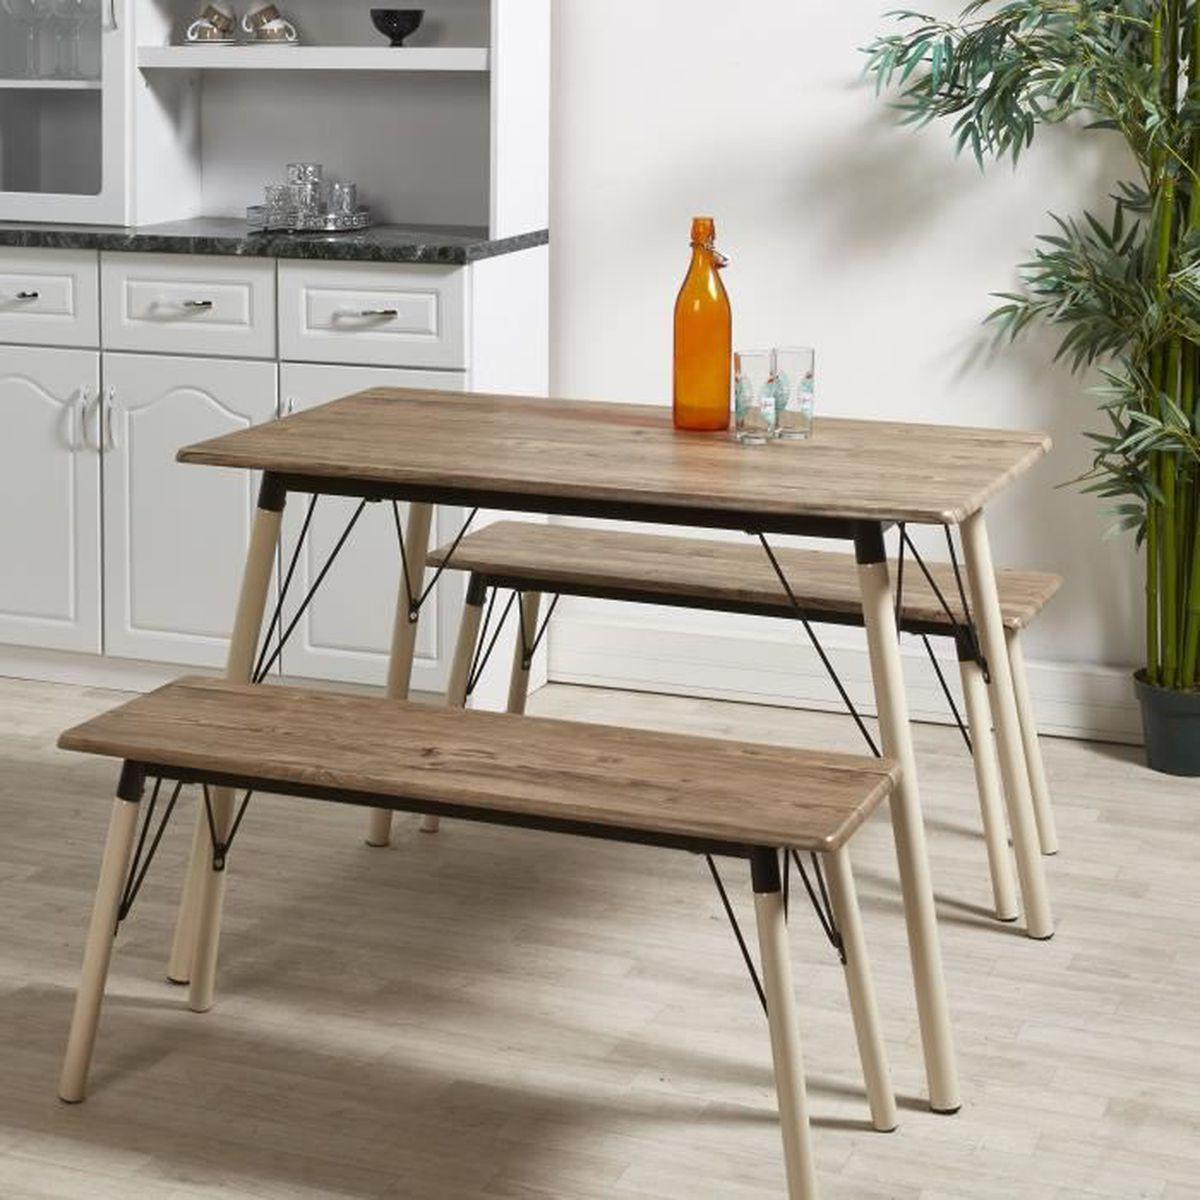 table de cuisine gris achat vente table de cuisine. Black Bedroom Furniture Sets. Home Design Ideas